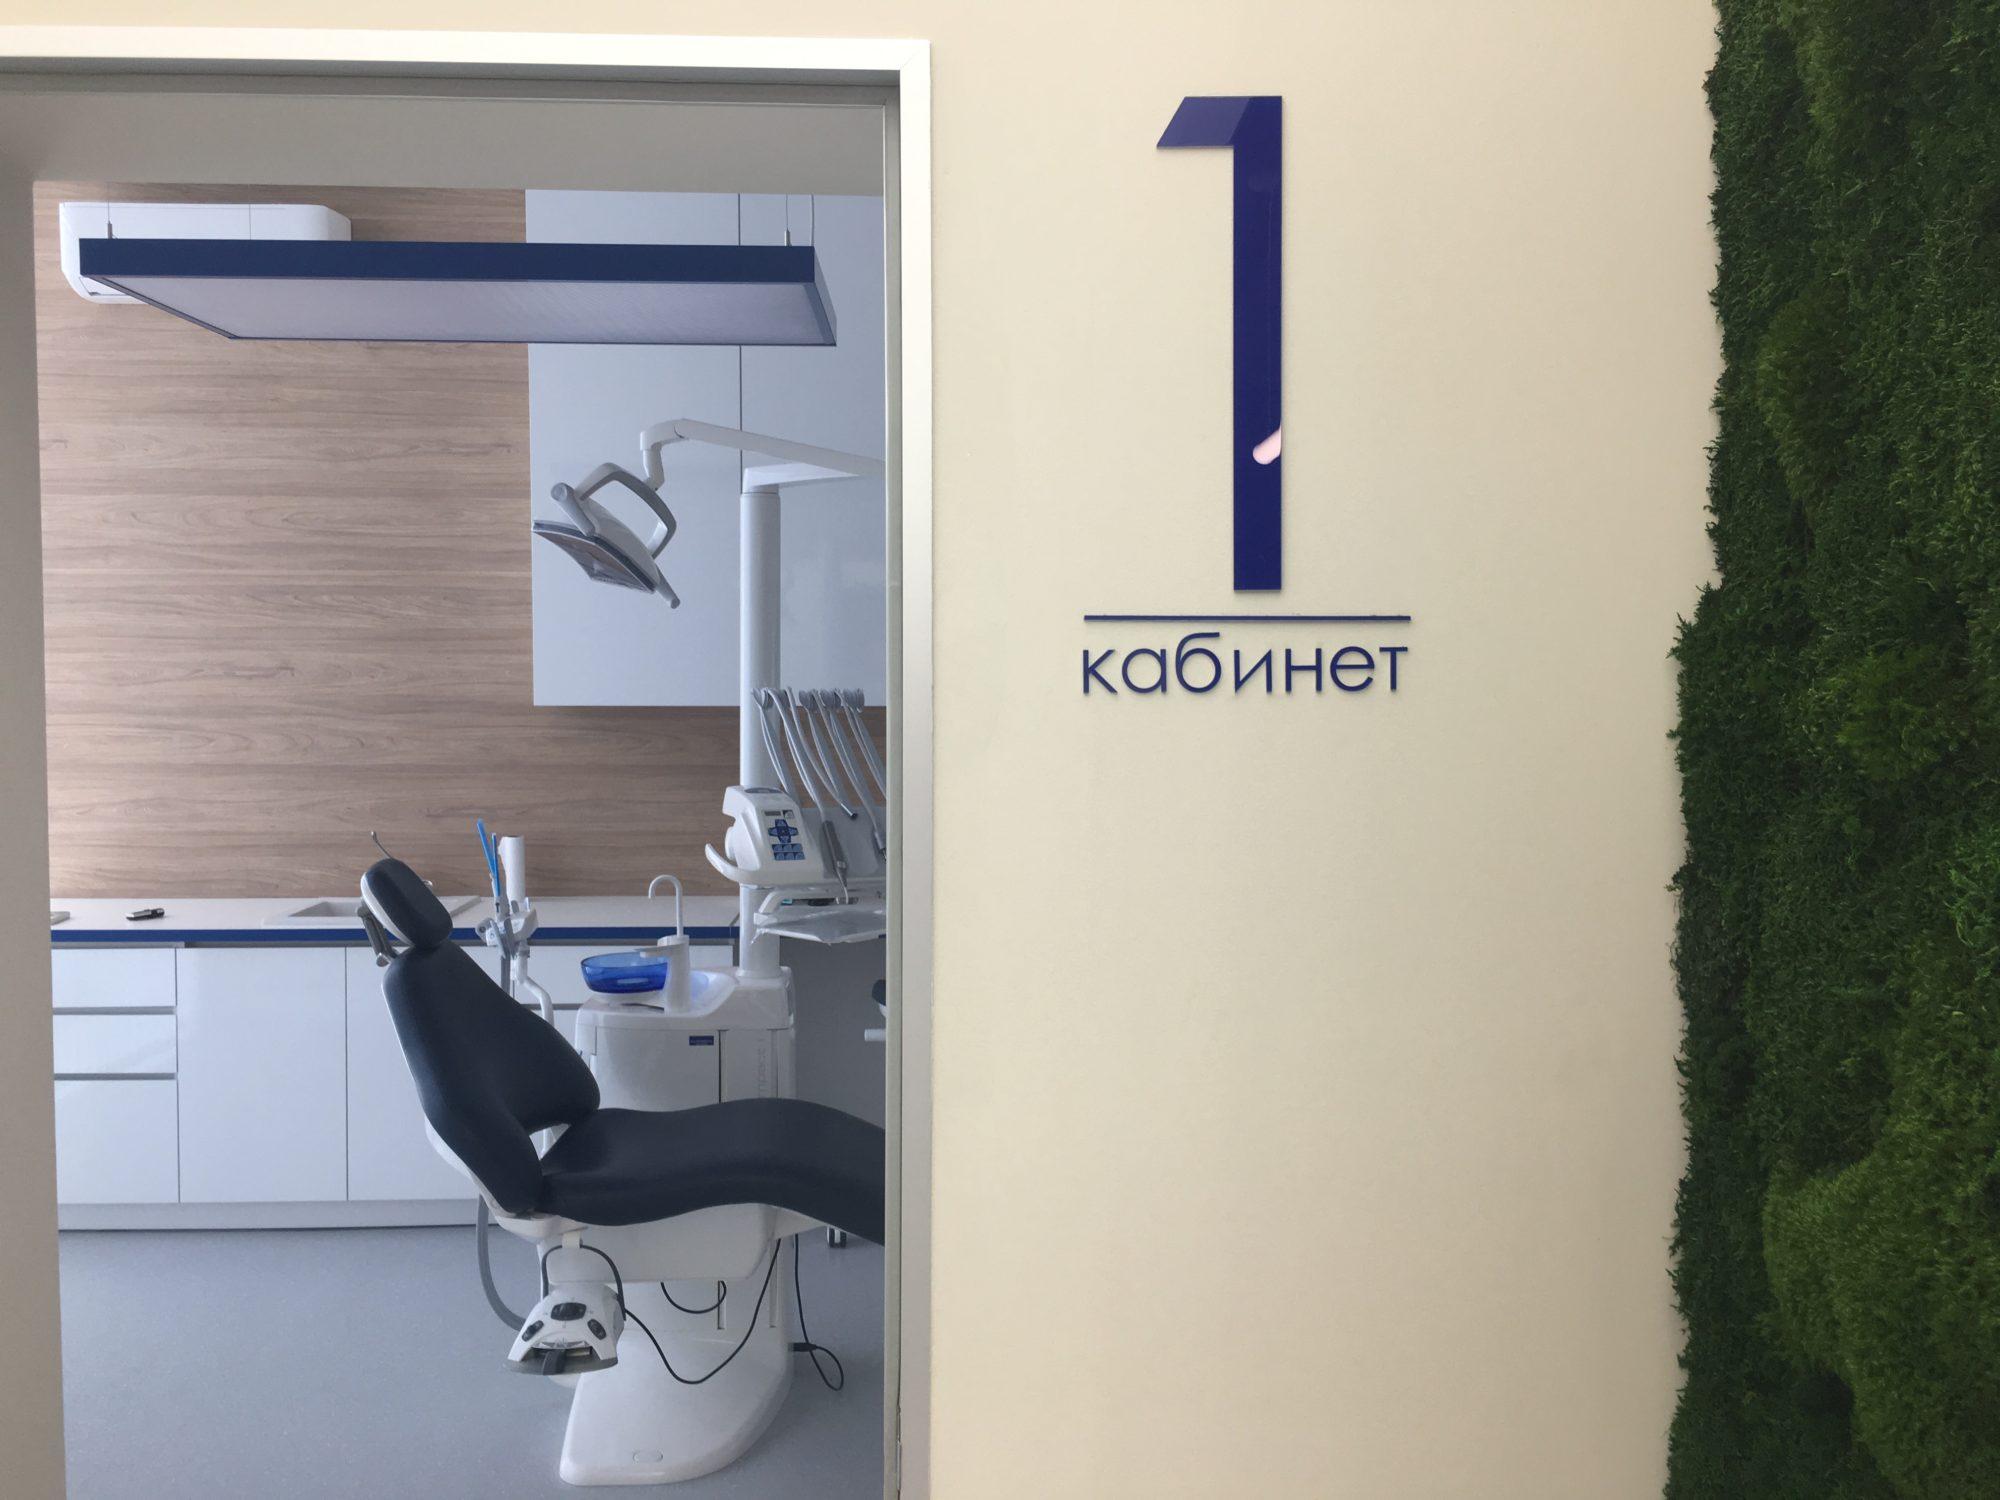 Реализации интерьера стоматологической клиники в Краснодаре